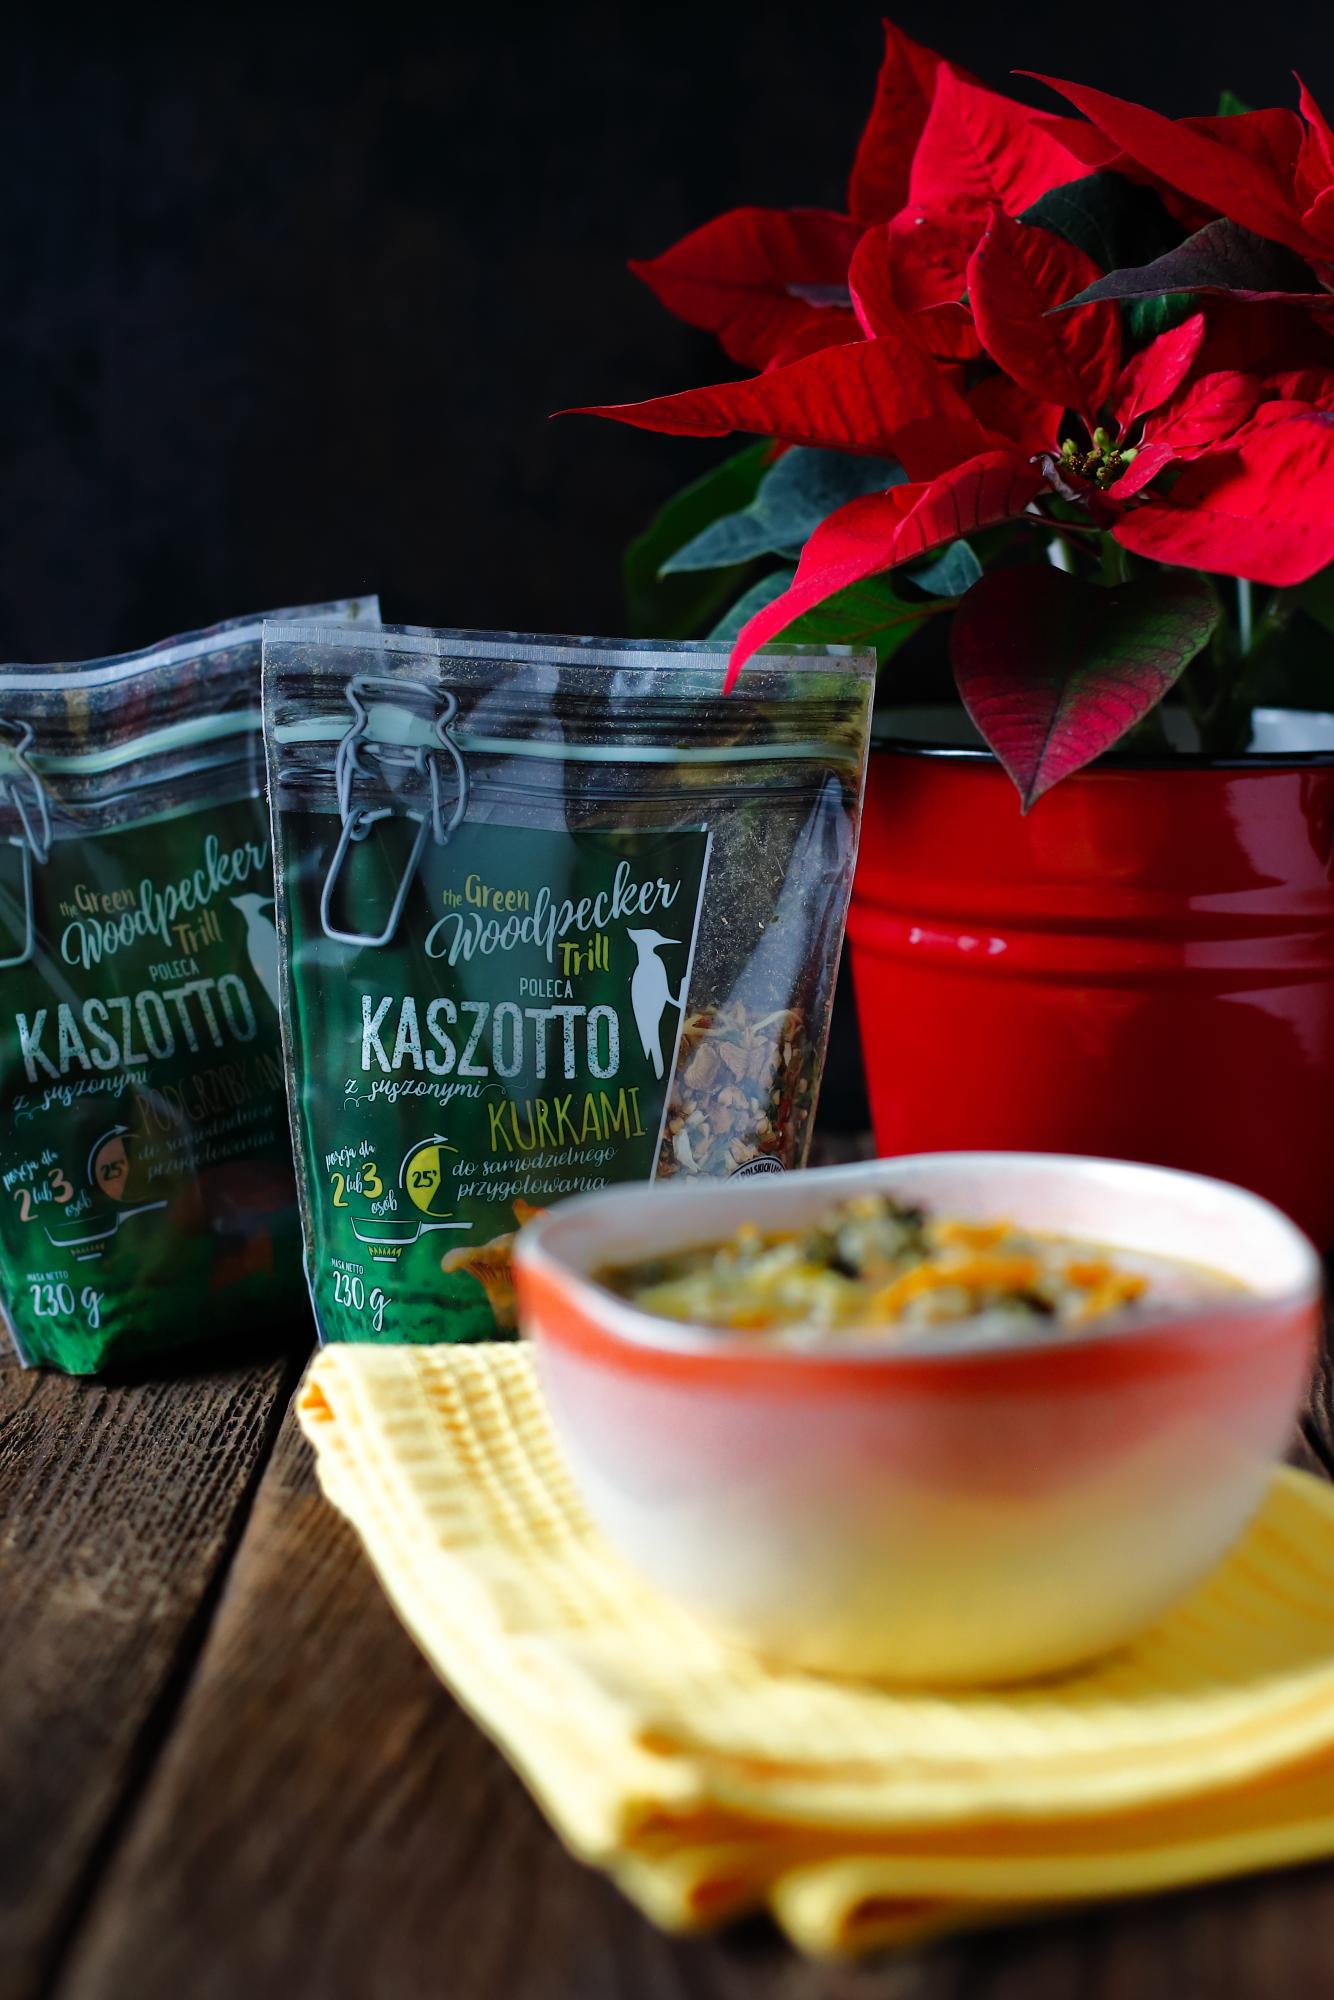 Jarzynowa zimowa - z kaszotto i kurkami